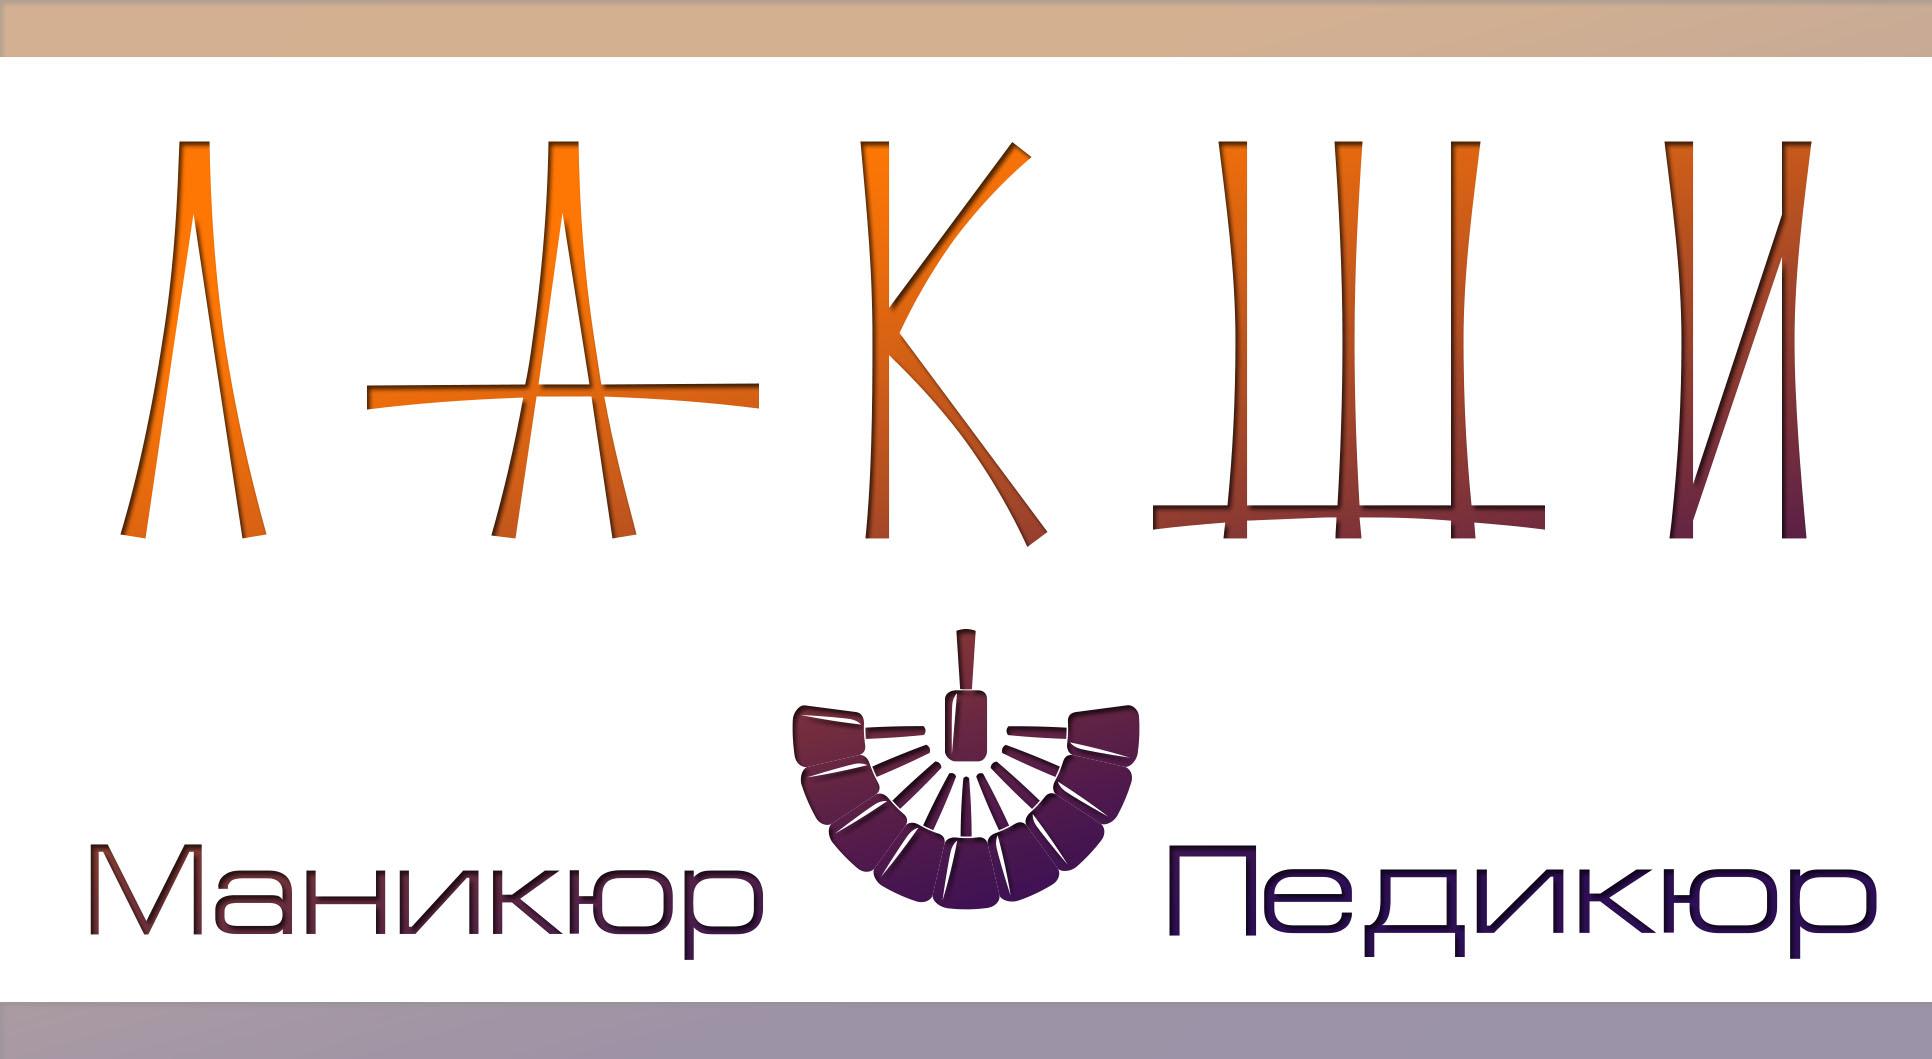 Разработка логотипа фирменного стиля фото f_9055c744da013b09.jpg